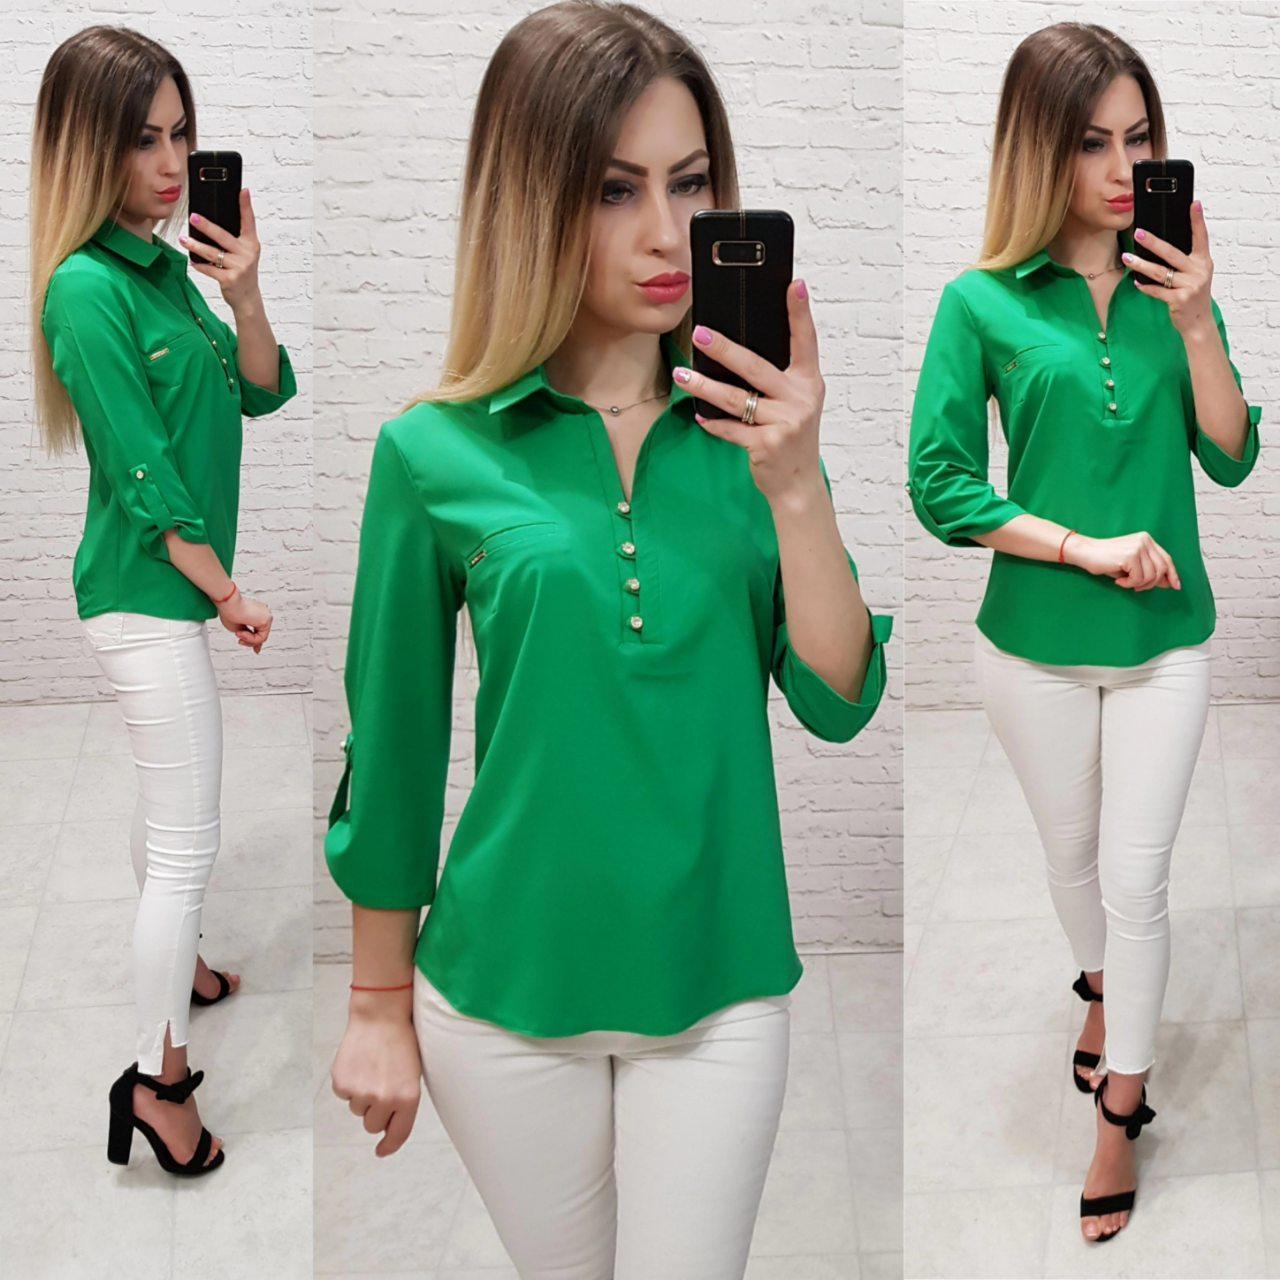 Блузка/блуза - сорочка з ґудзиками на грудях, модель 828 , колір зелений трава